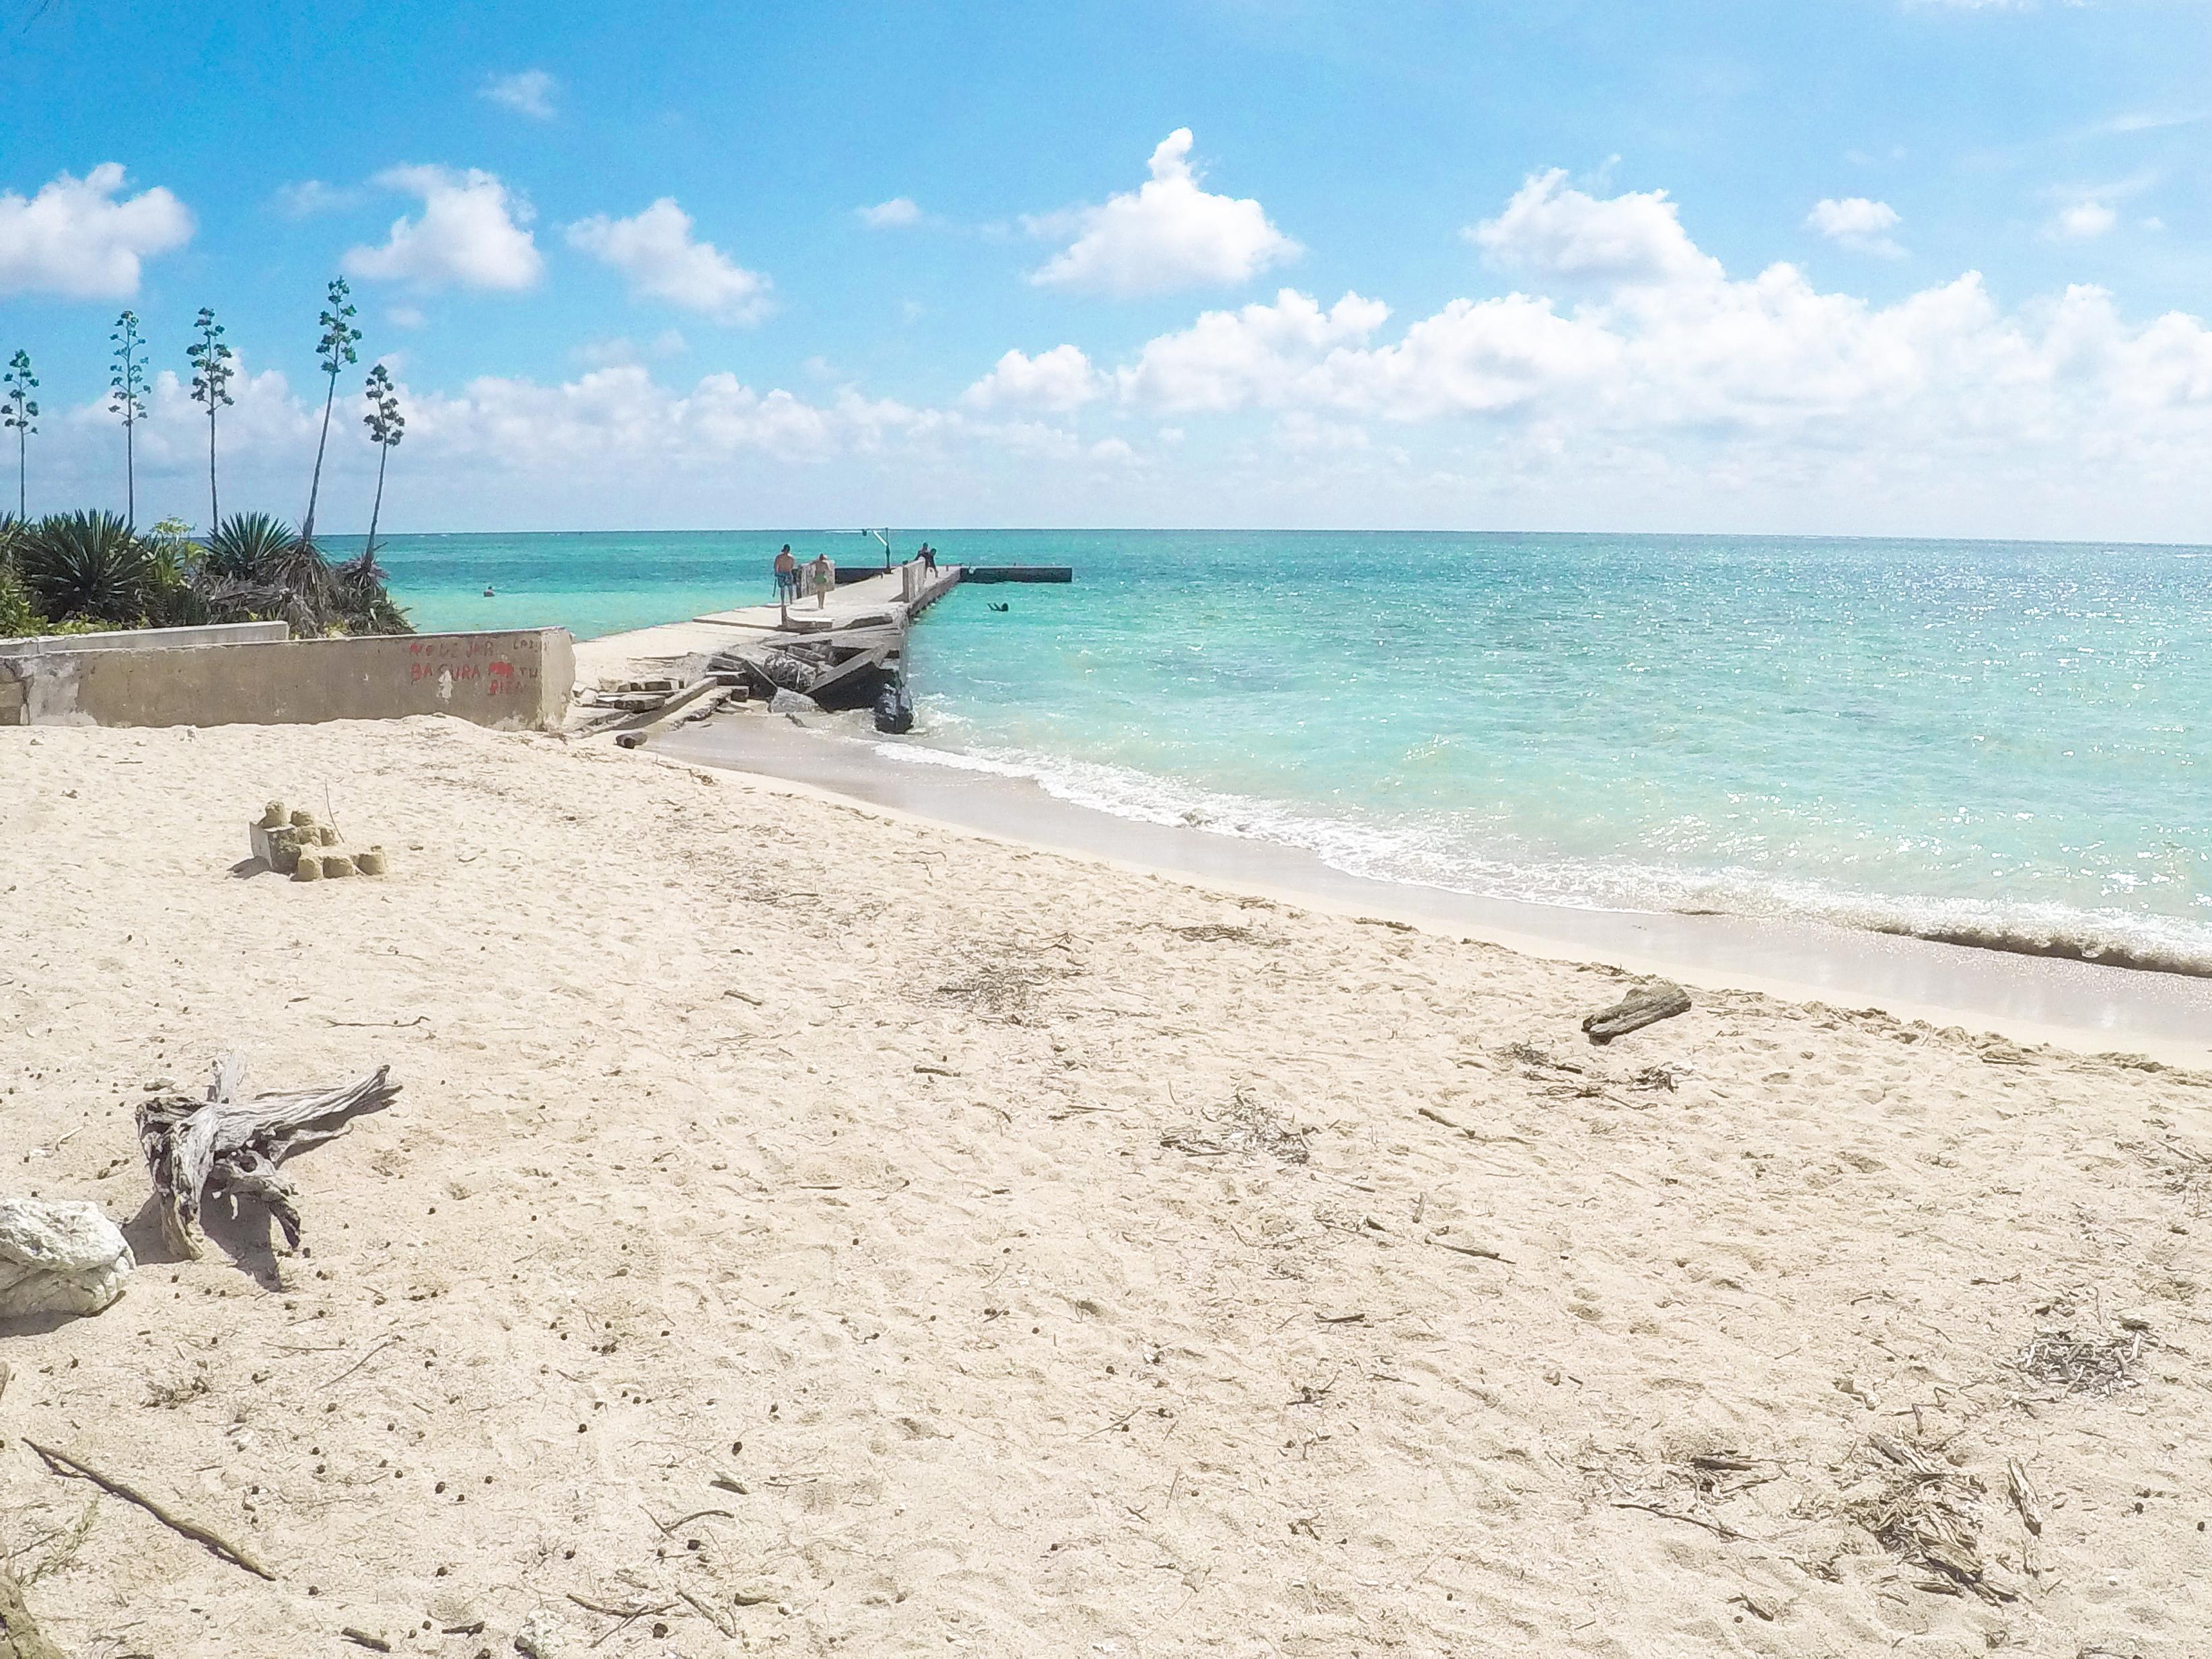 vista de la playa de isla de enmedio